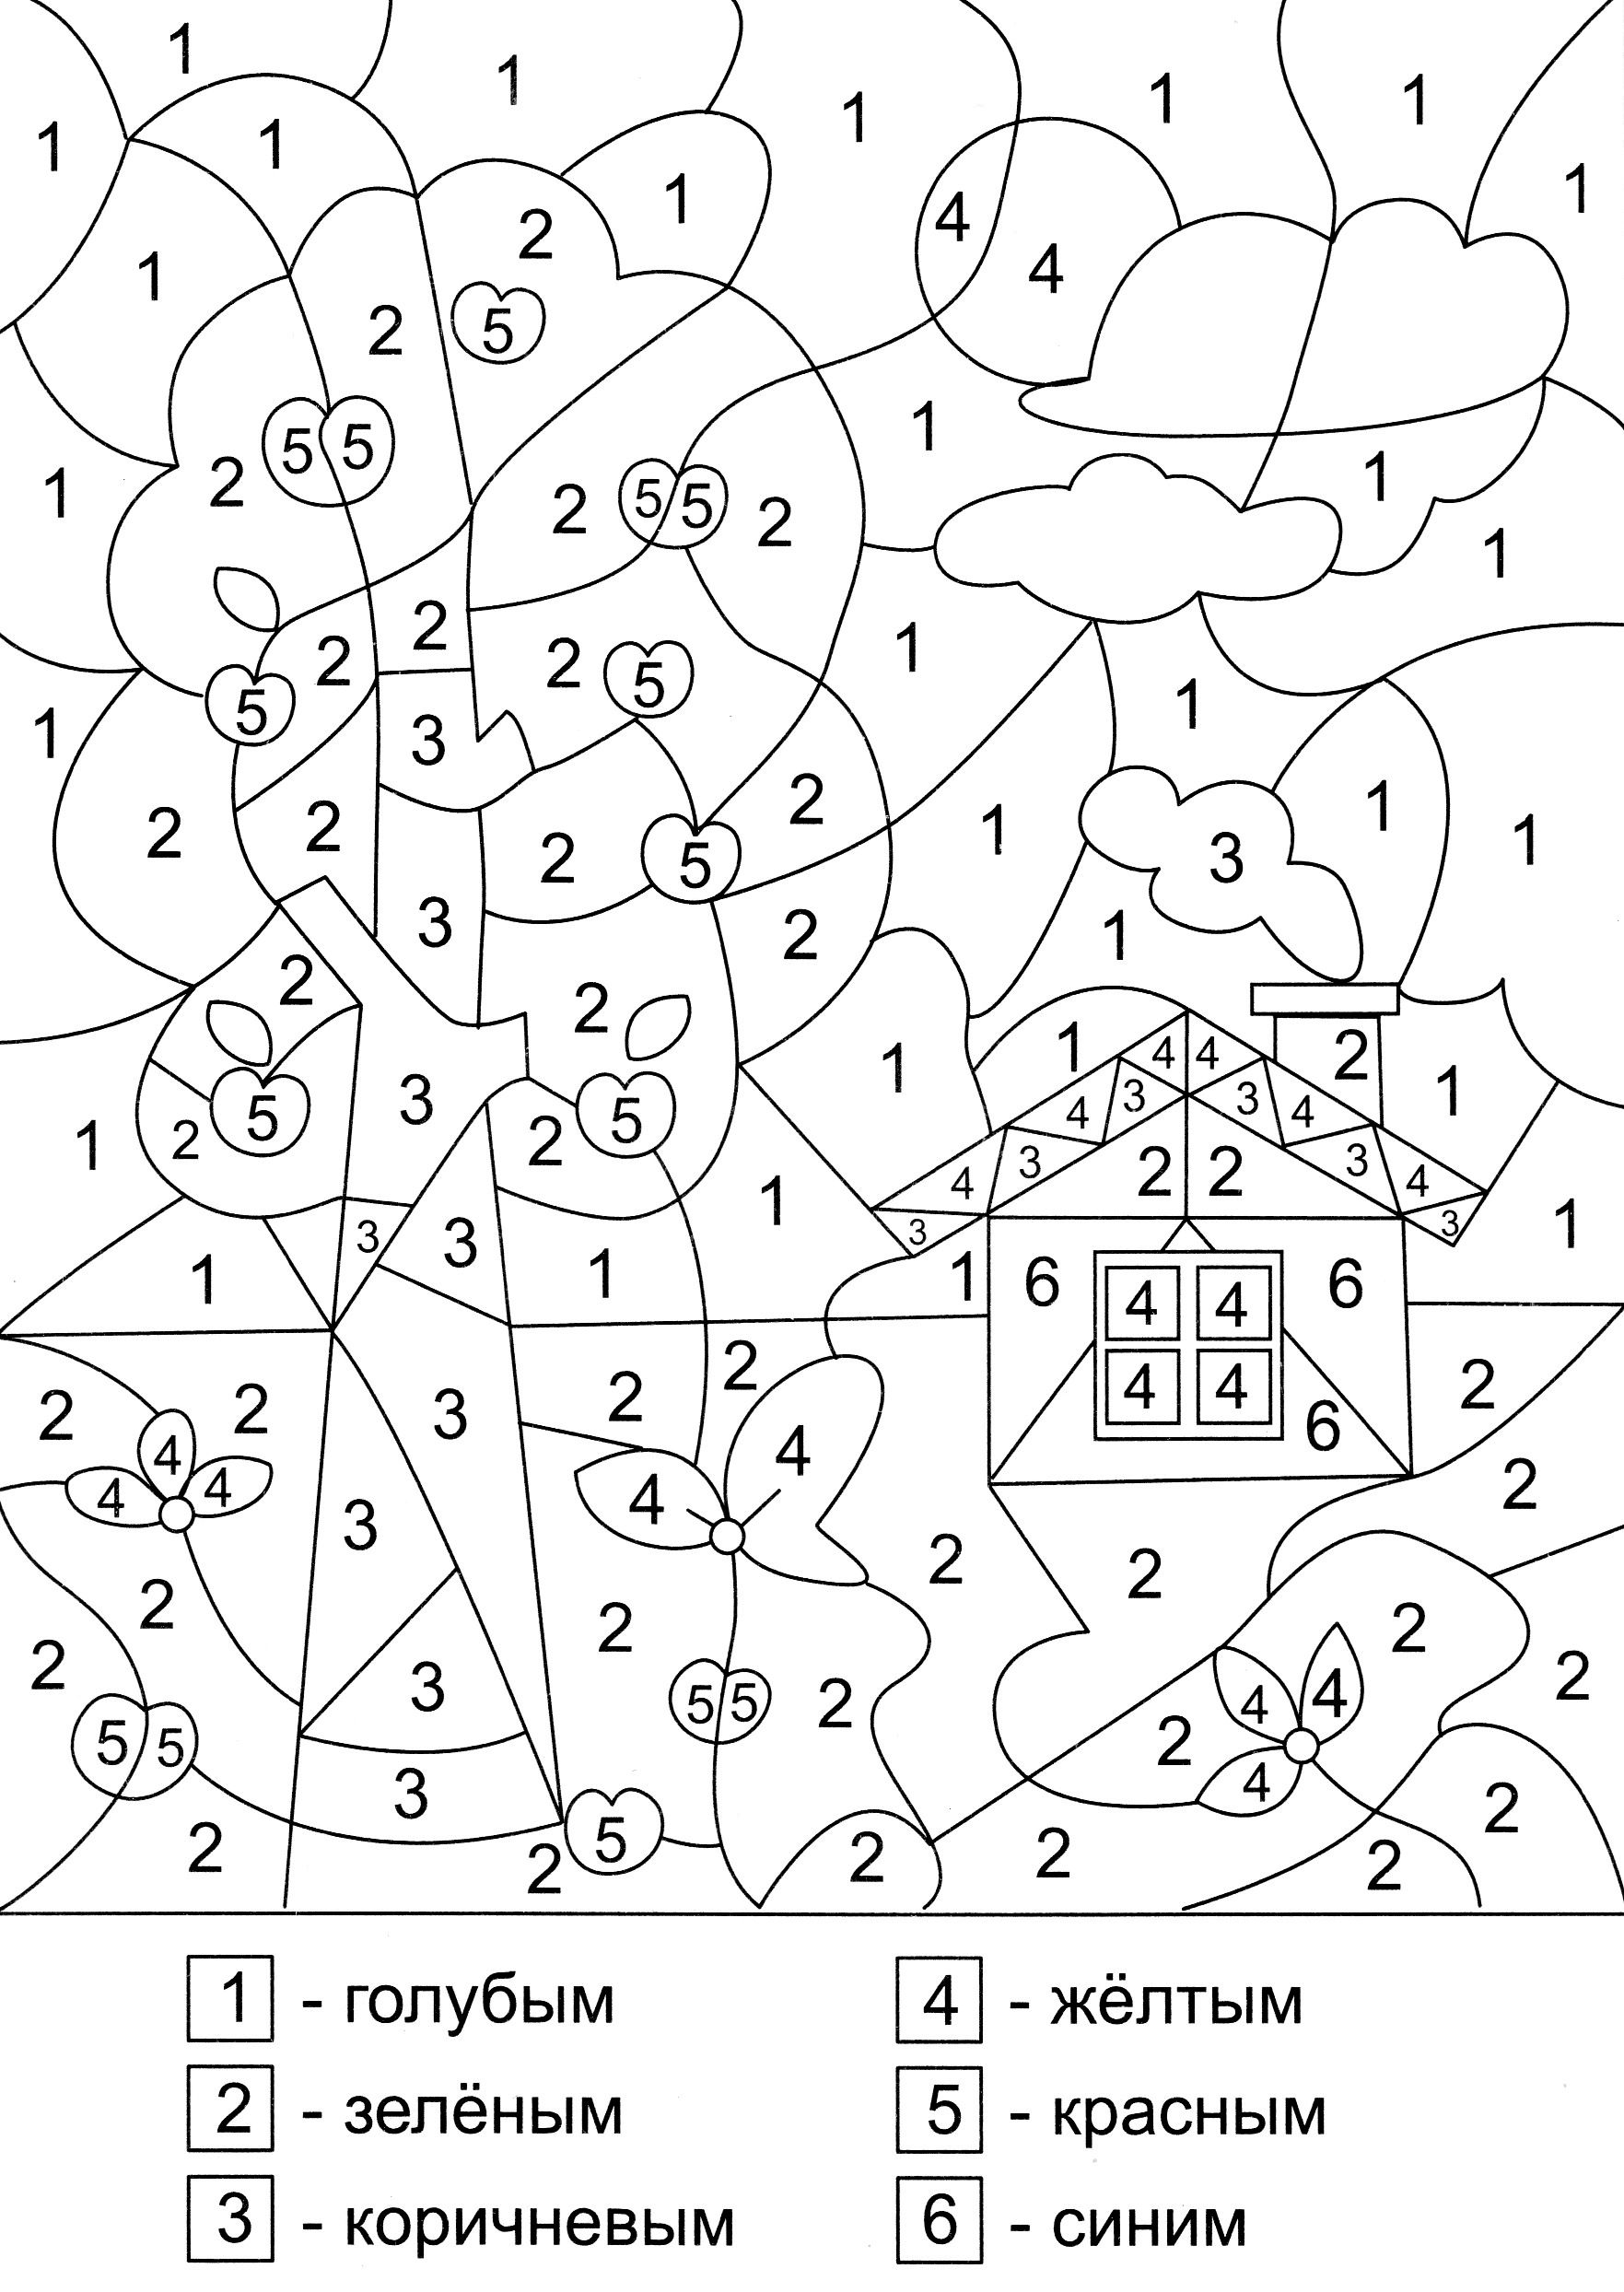 Matematicheskie Raskraski Dlya Doshkolnikov Raskraski Raskraska Po Cifram Matematicheskie Proekty